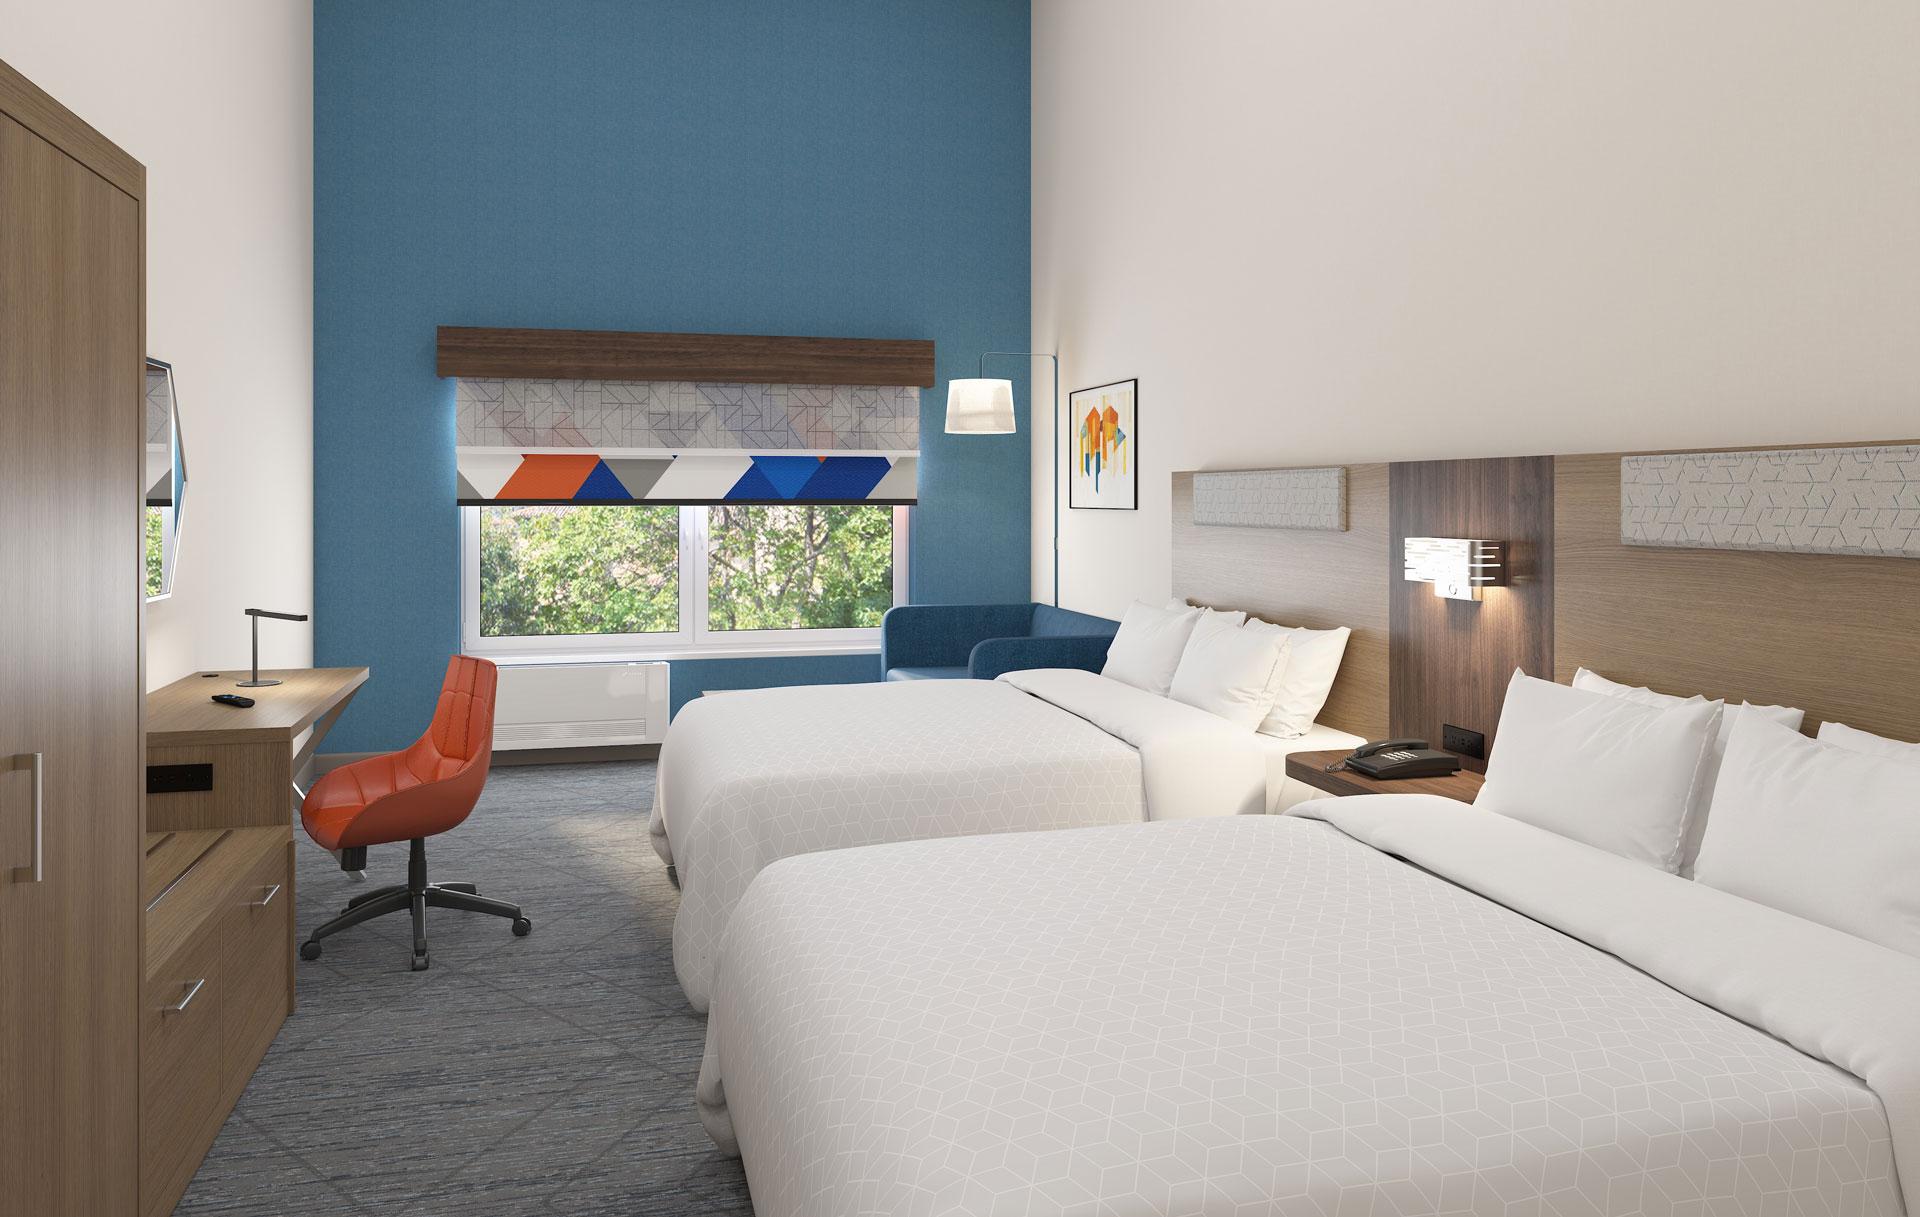 Holiday Inn Express hotel room